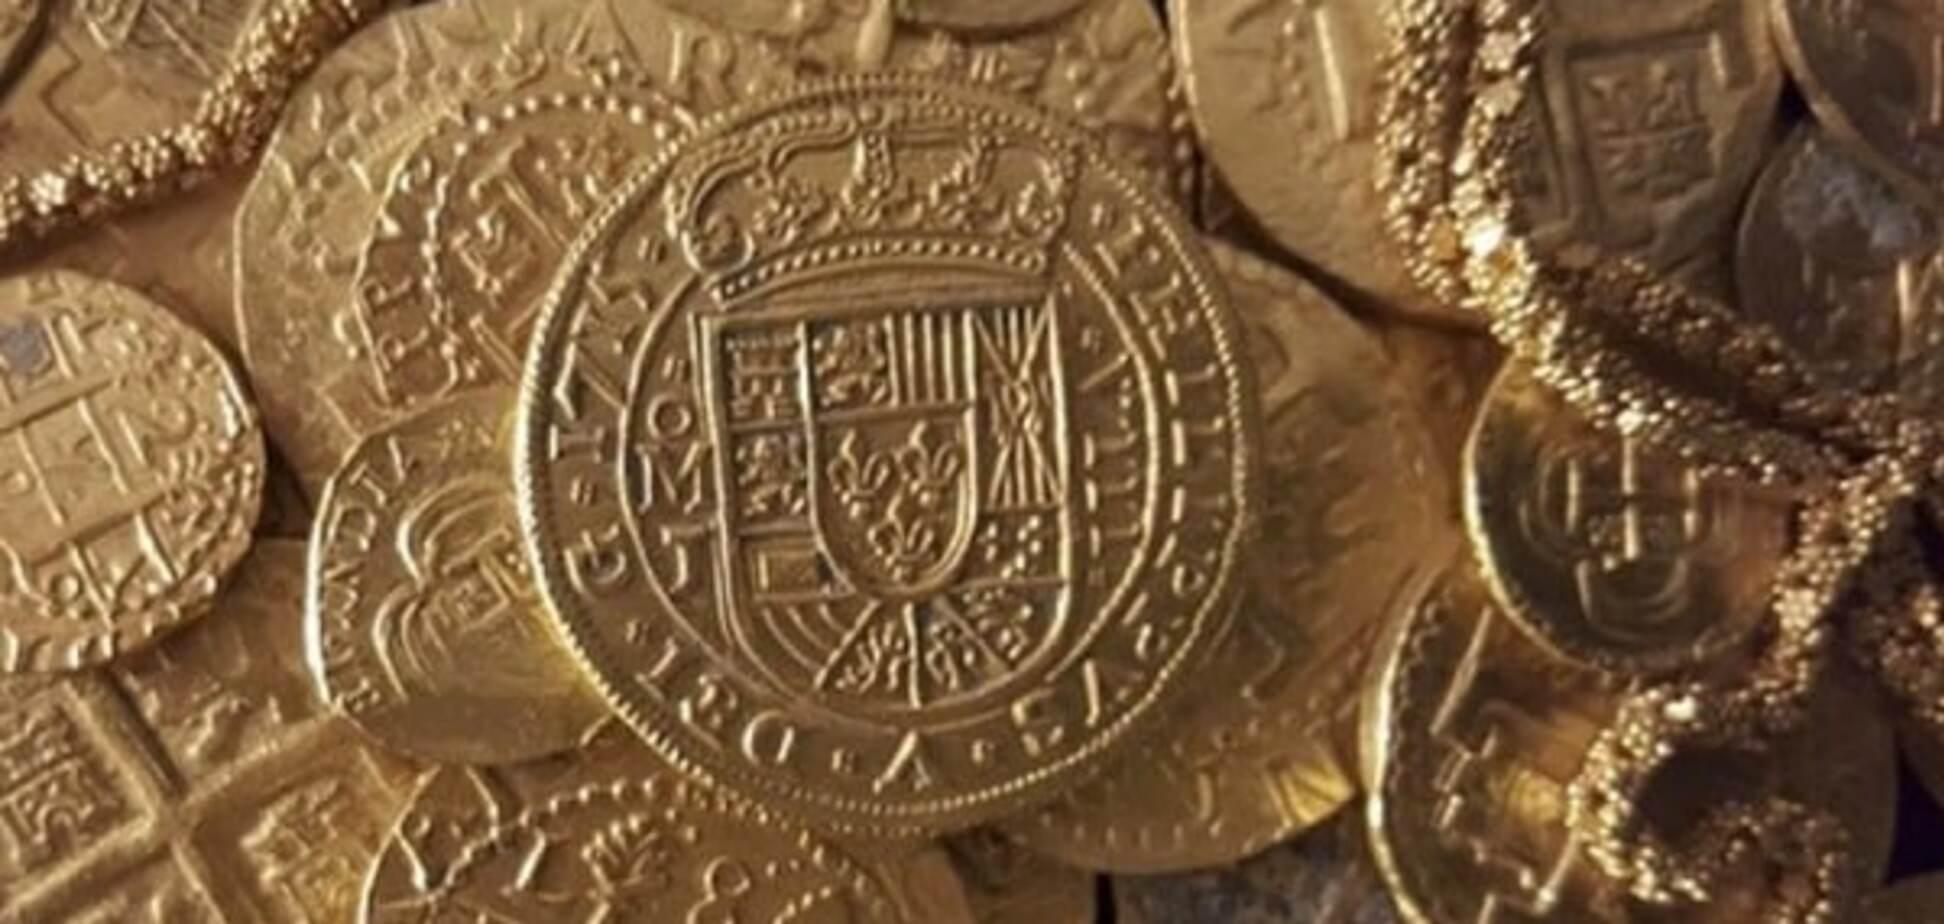 Біля берегів Колумбії знайшли галеон із золотом на мільярди доларів